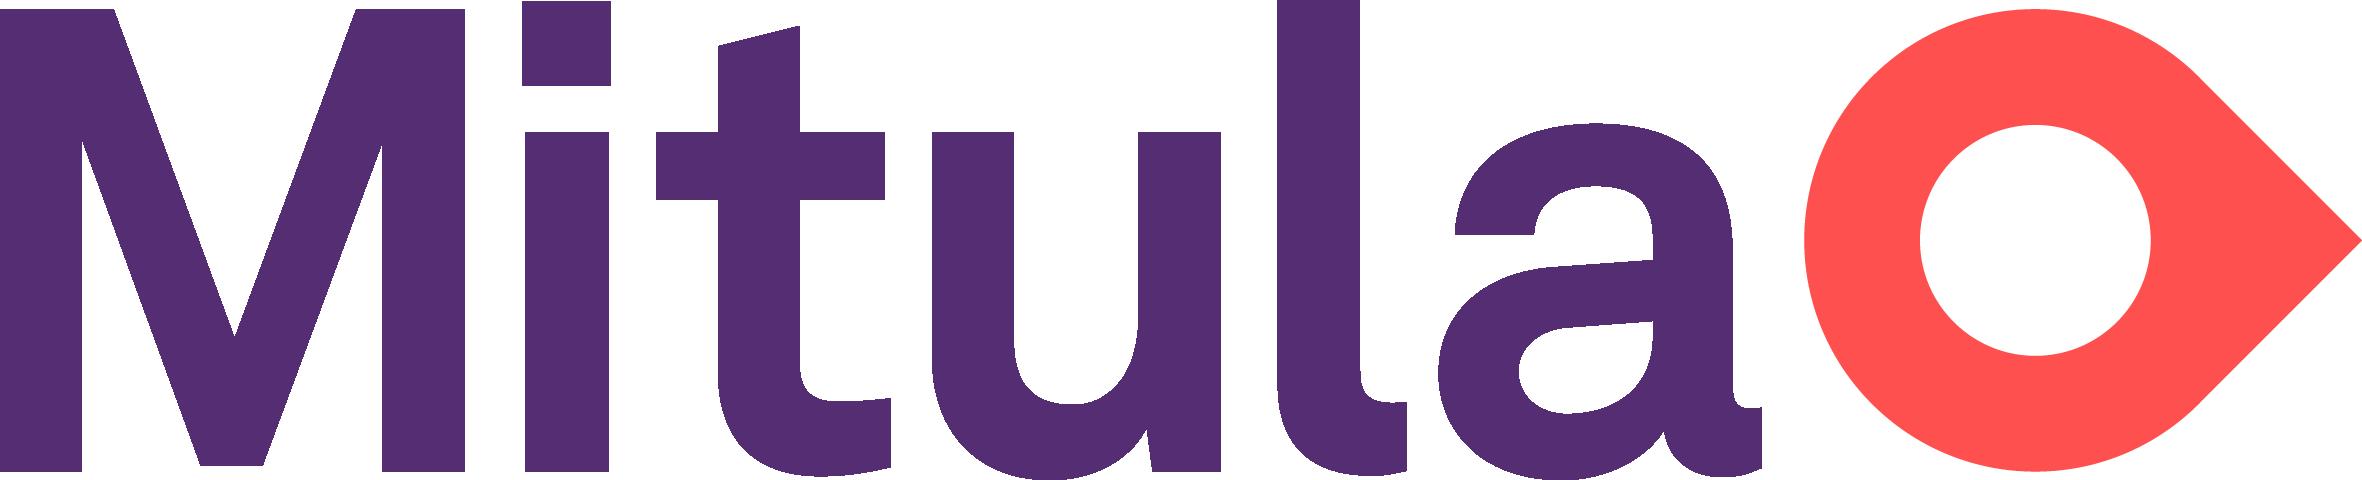 Mitula transparent png logo